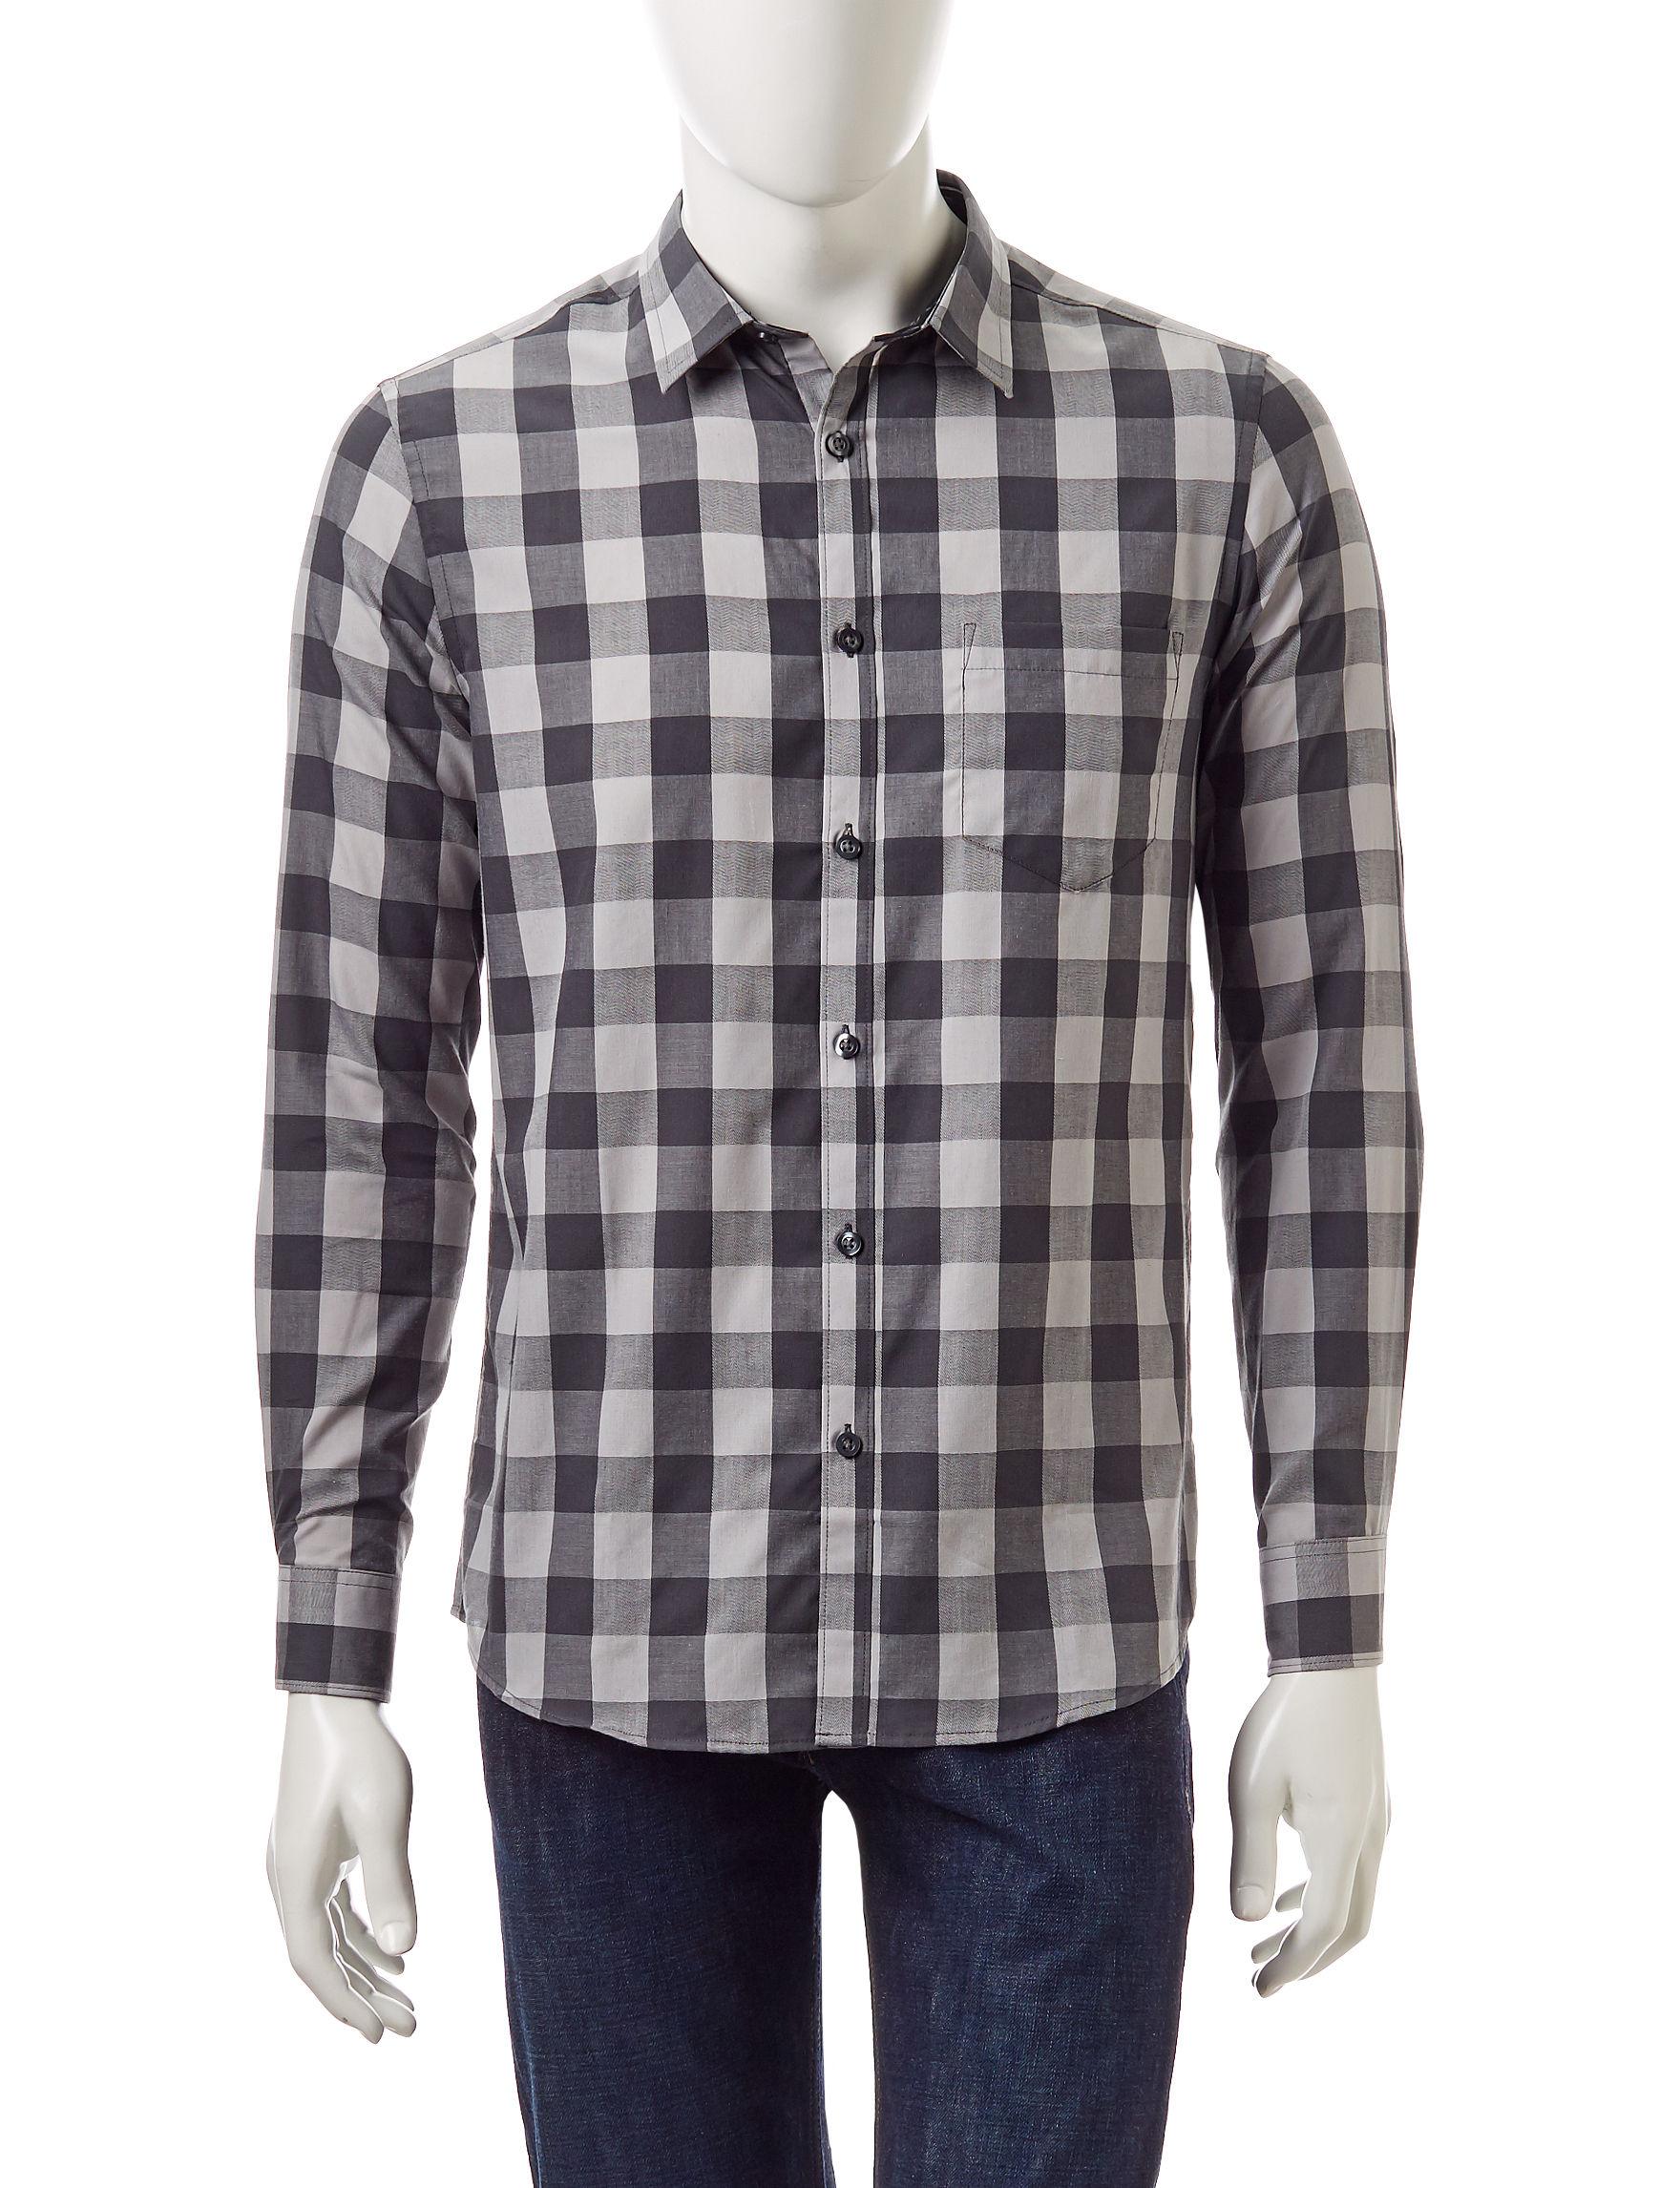 Axist High Rise Casual Button Down Shirts